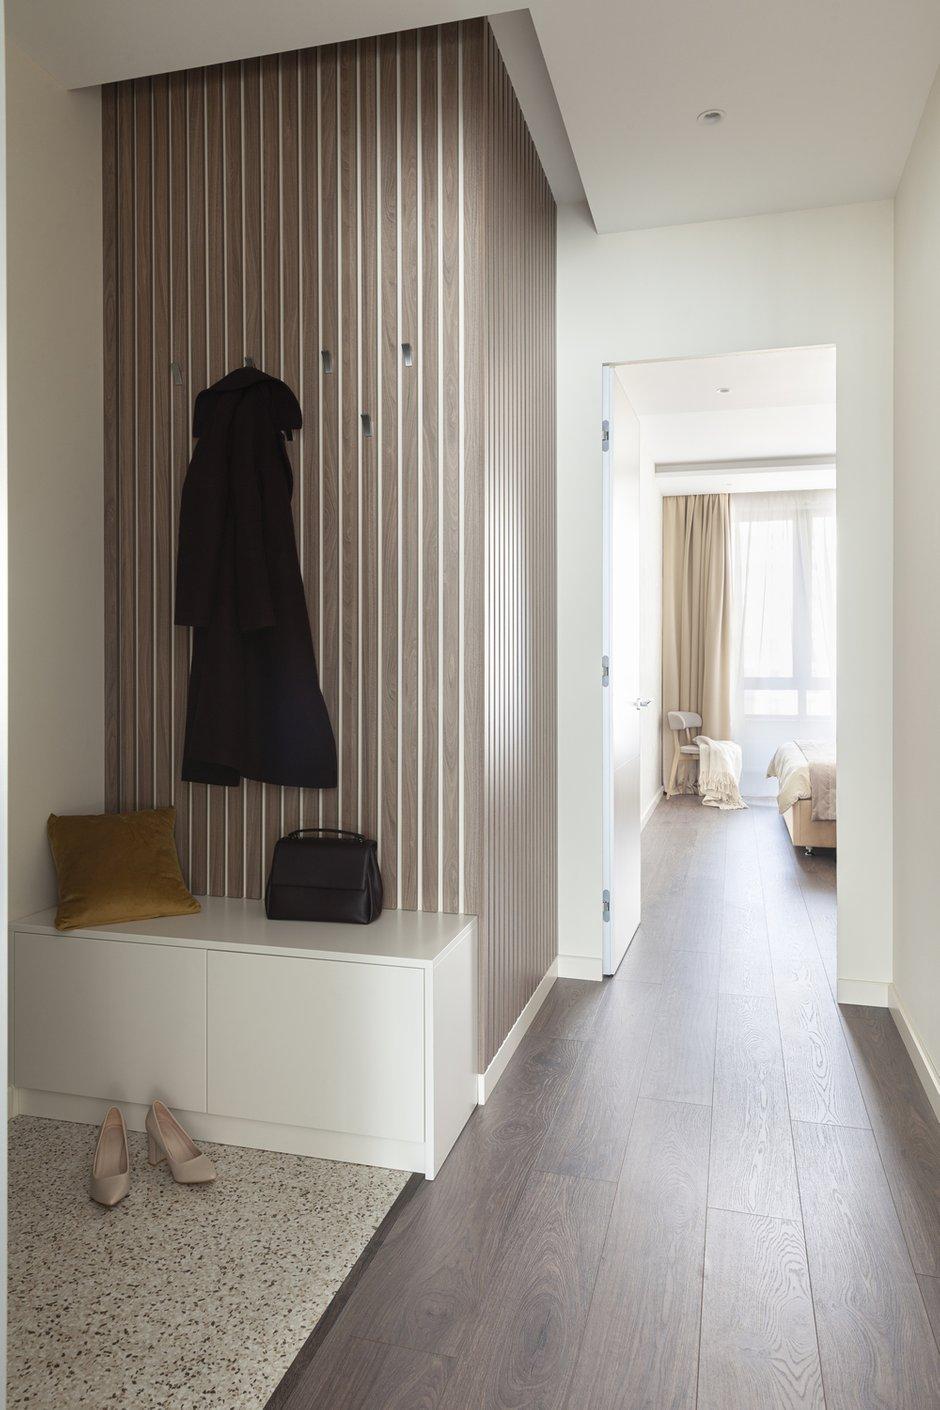 Фотография: Прихожая в стиле Современный, Квартира, Проект недели, Москва, 2 комнаты, 60-90 метров, Мария Ничипоренко – фото на INMYROOM